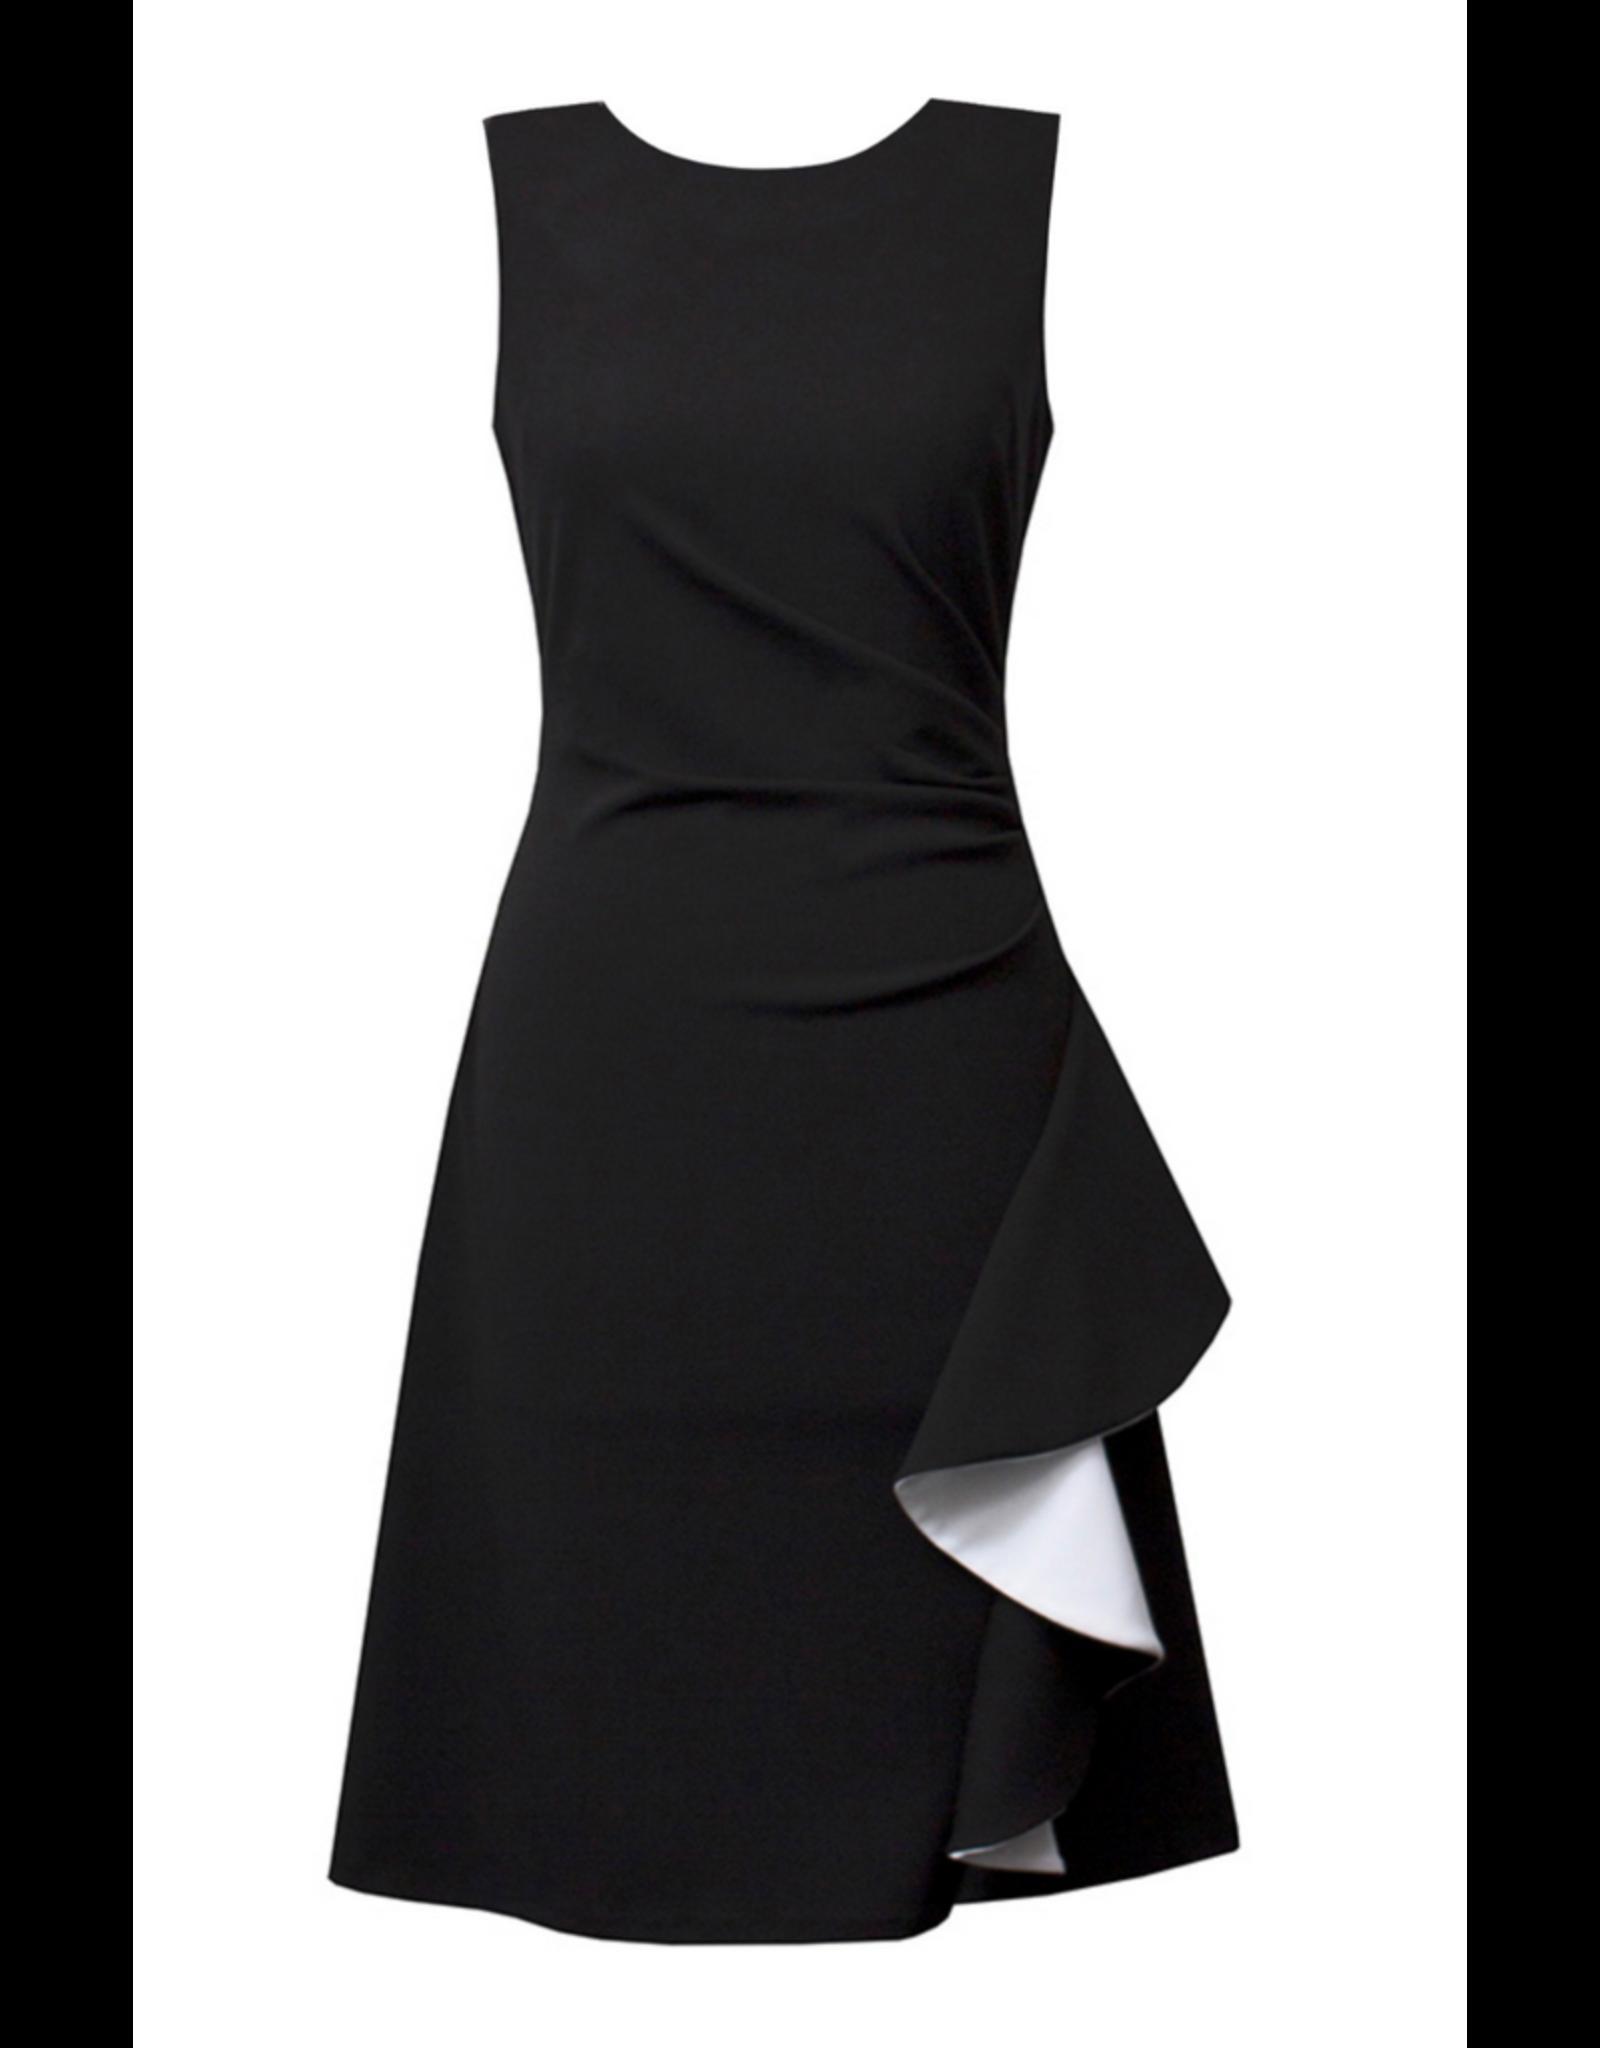 JOSEPH RIBKOFF 201319 DRESS